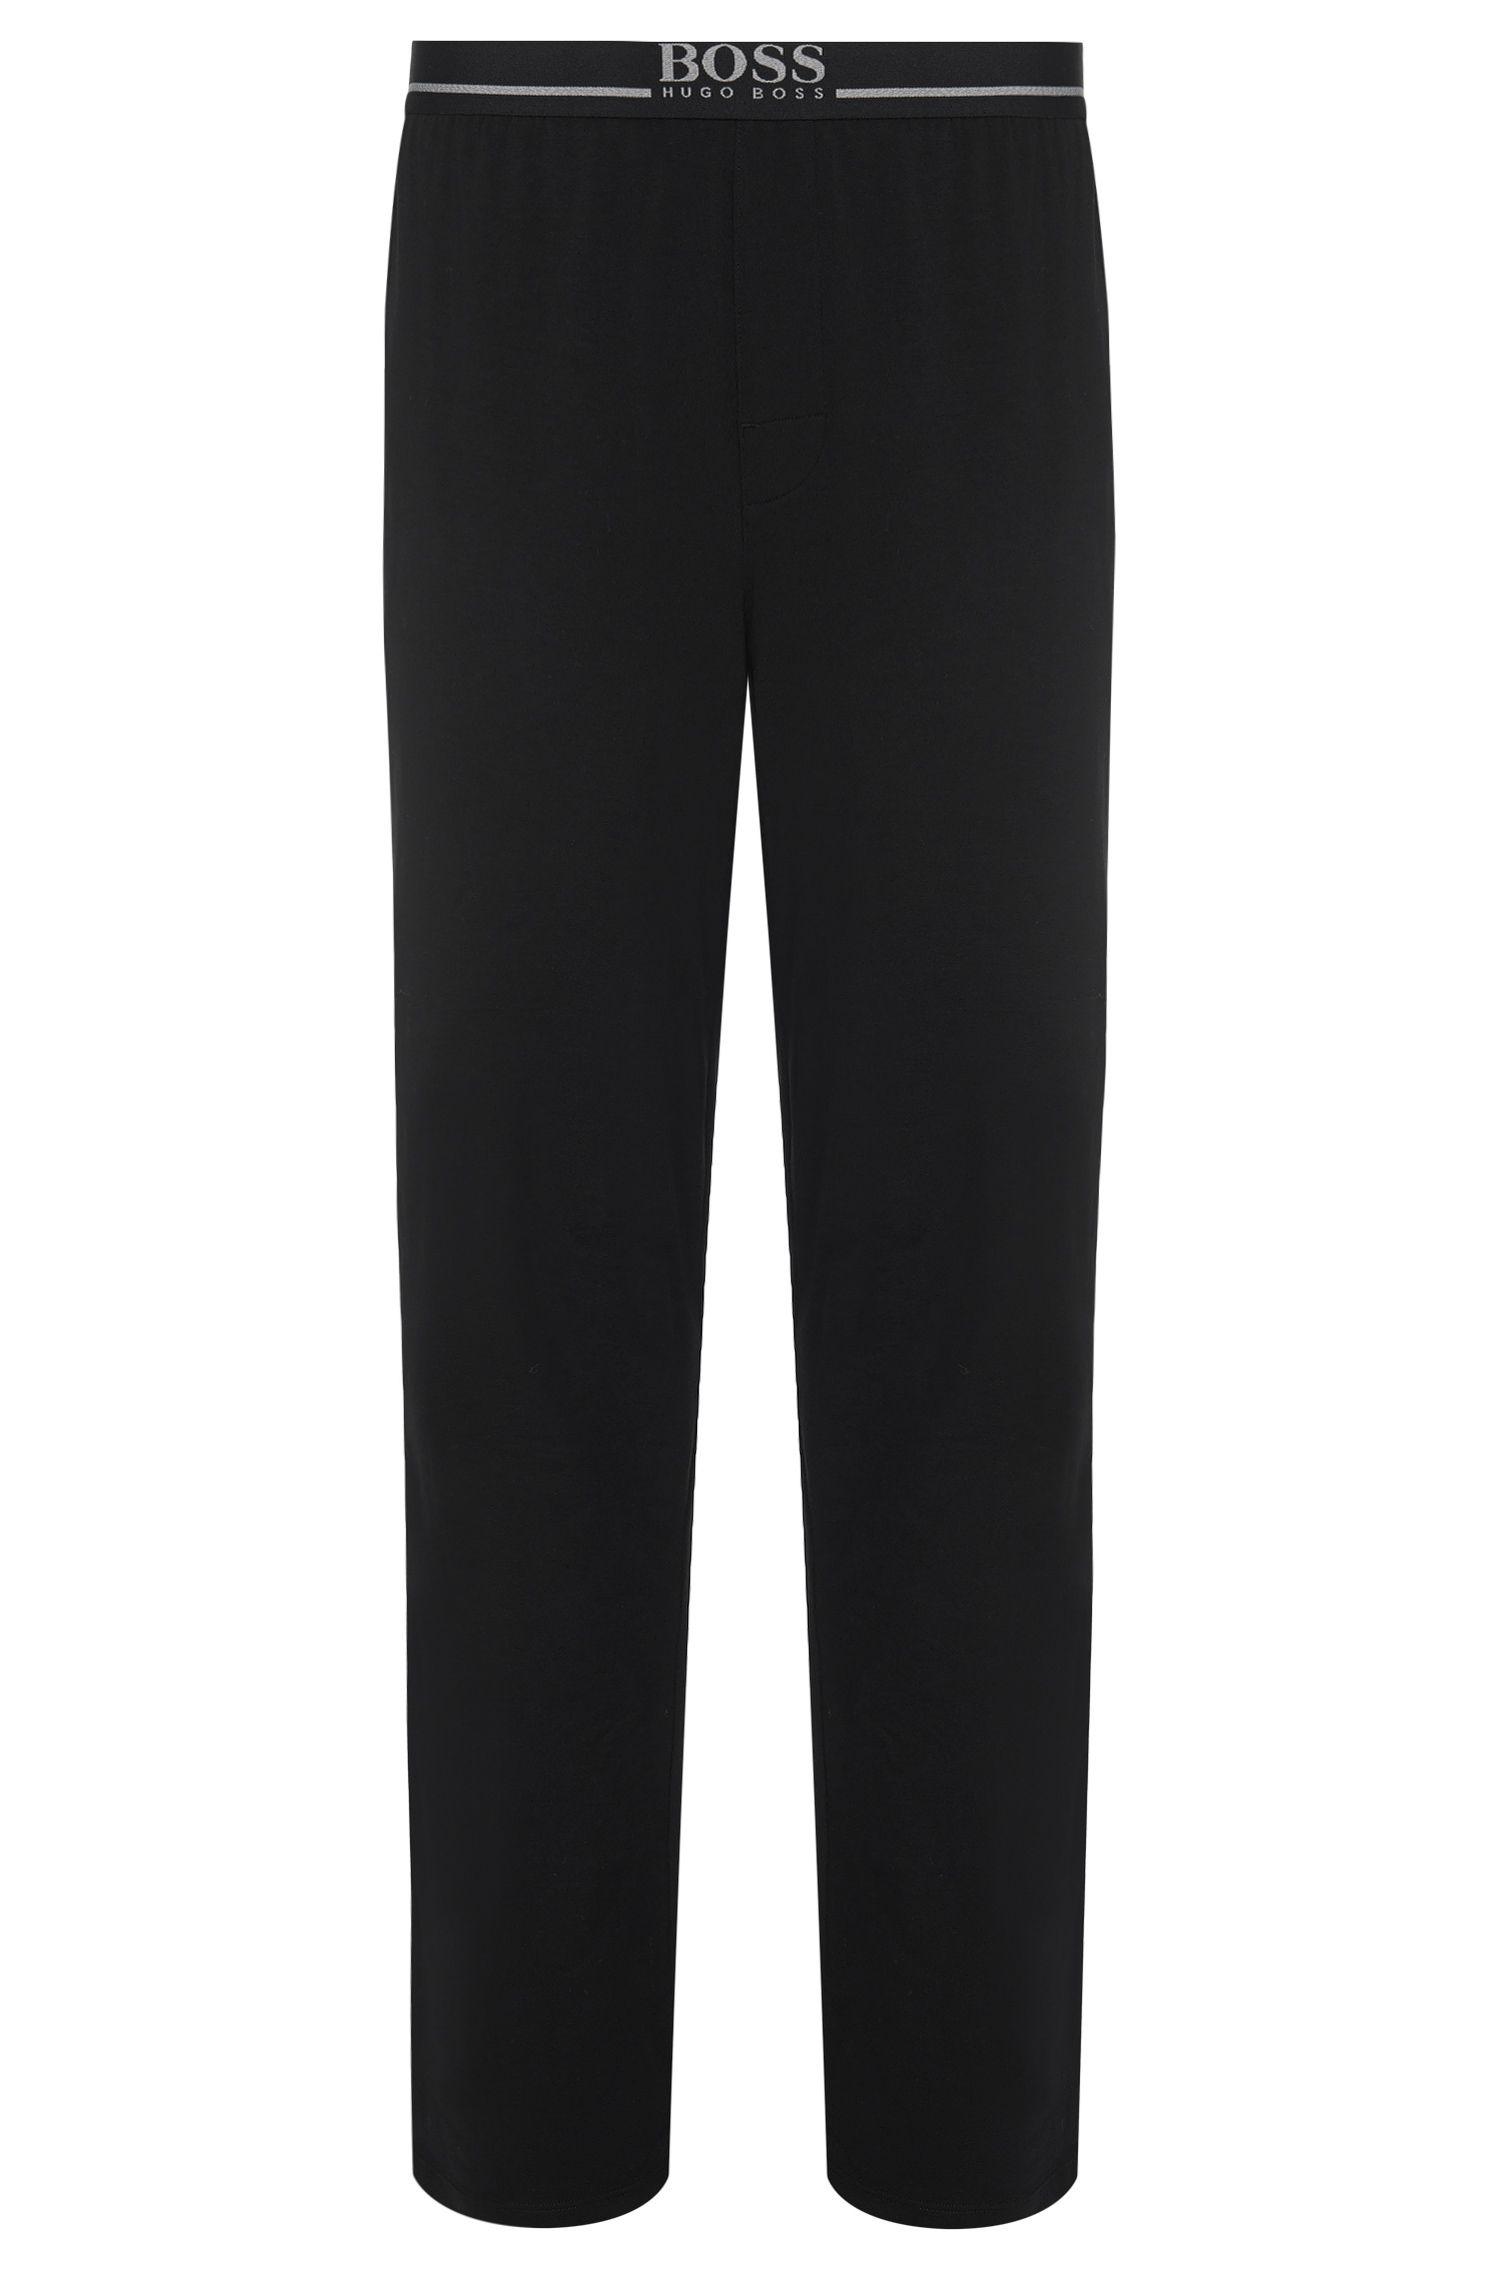 Pantalón loungewear en punto de algodón elástico